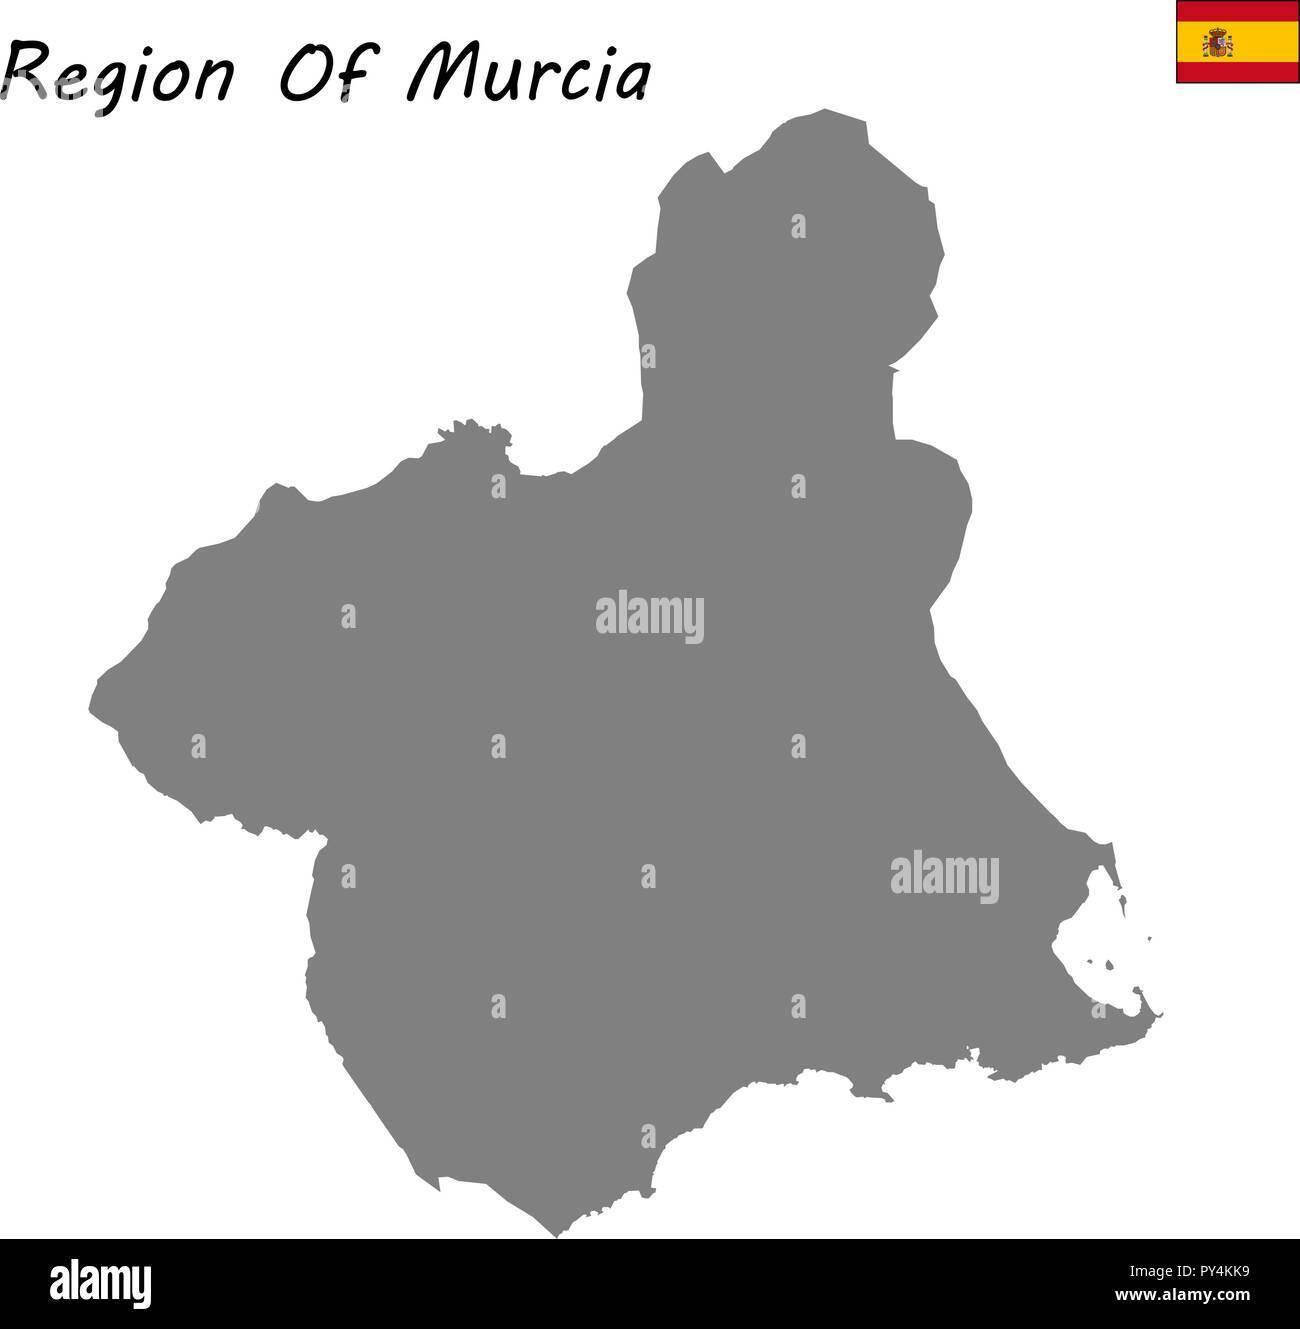 Autonome Regionen Spanien Karte.Hohe Qualitat Karte Autonome Gemeinschaft Spaniens Region